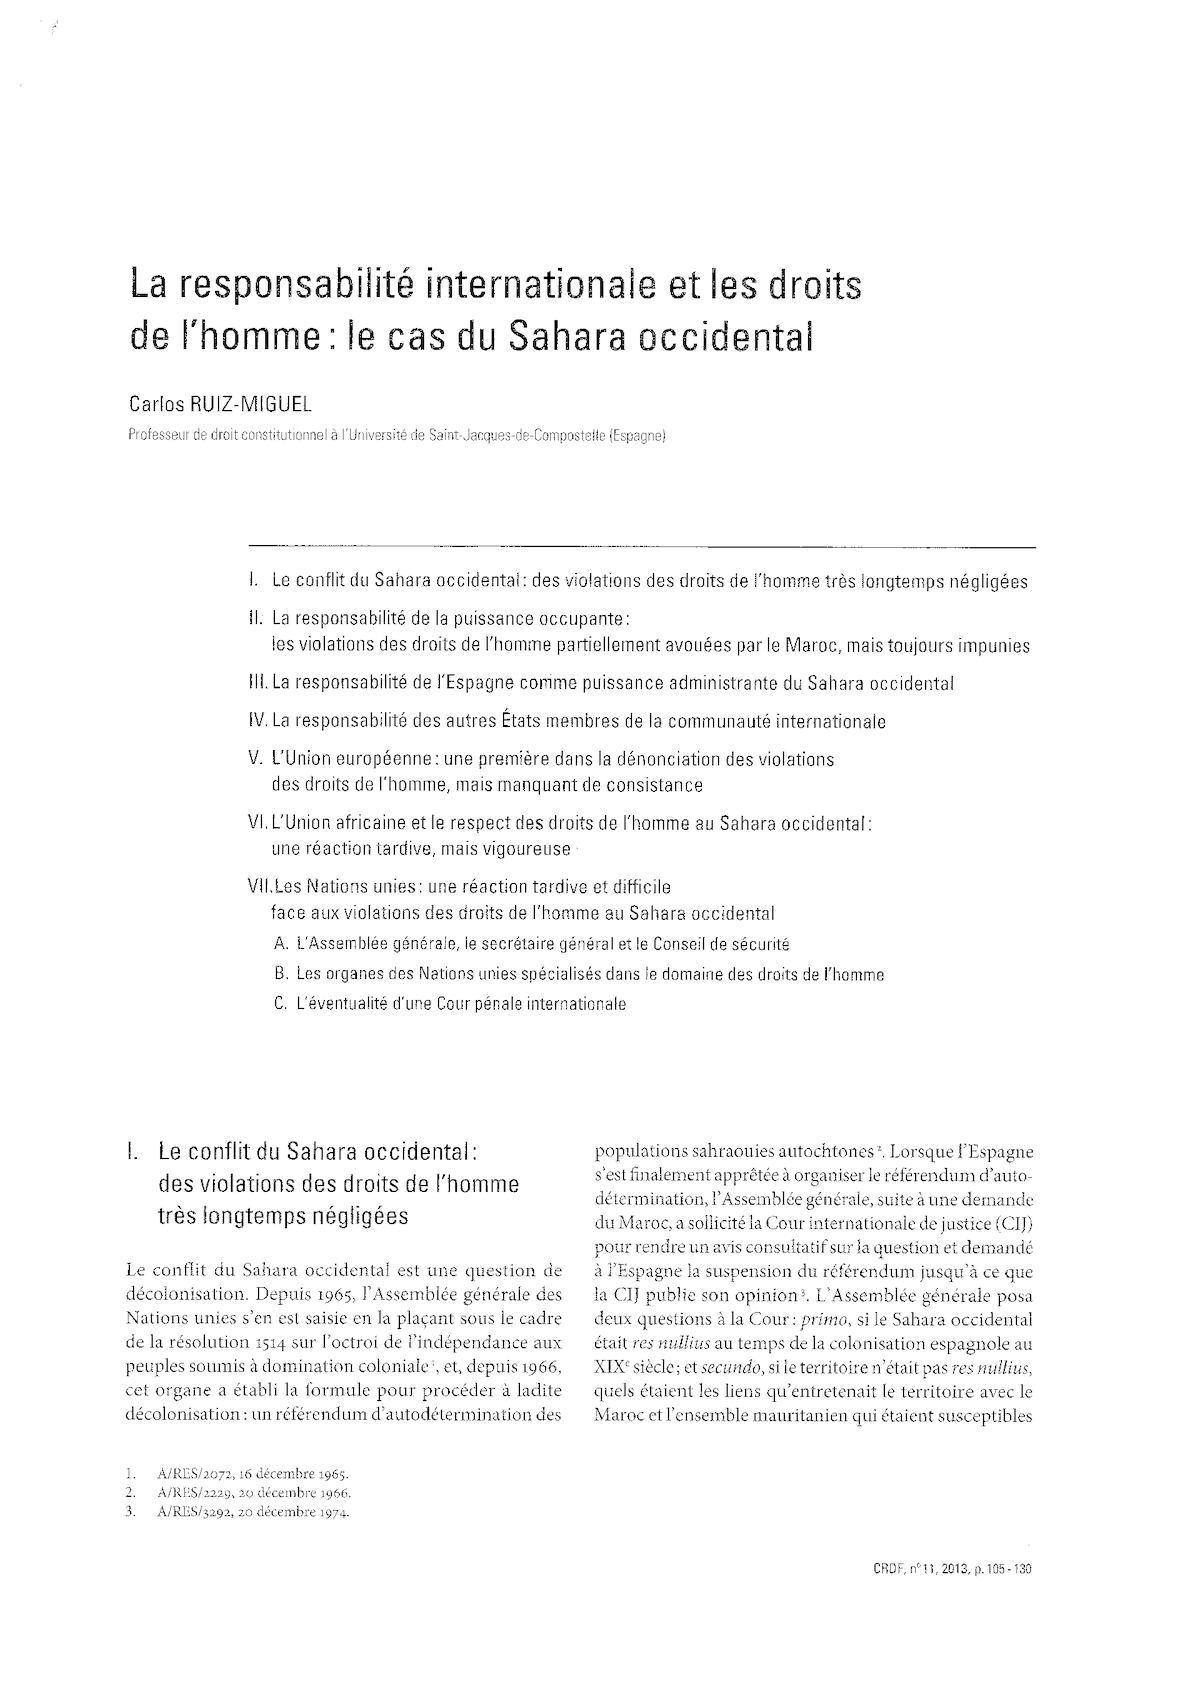 Droit International Et Droit De L'homme Le Cas De Sahara